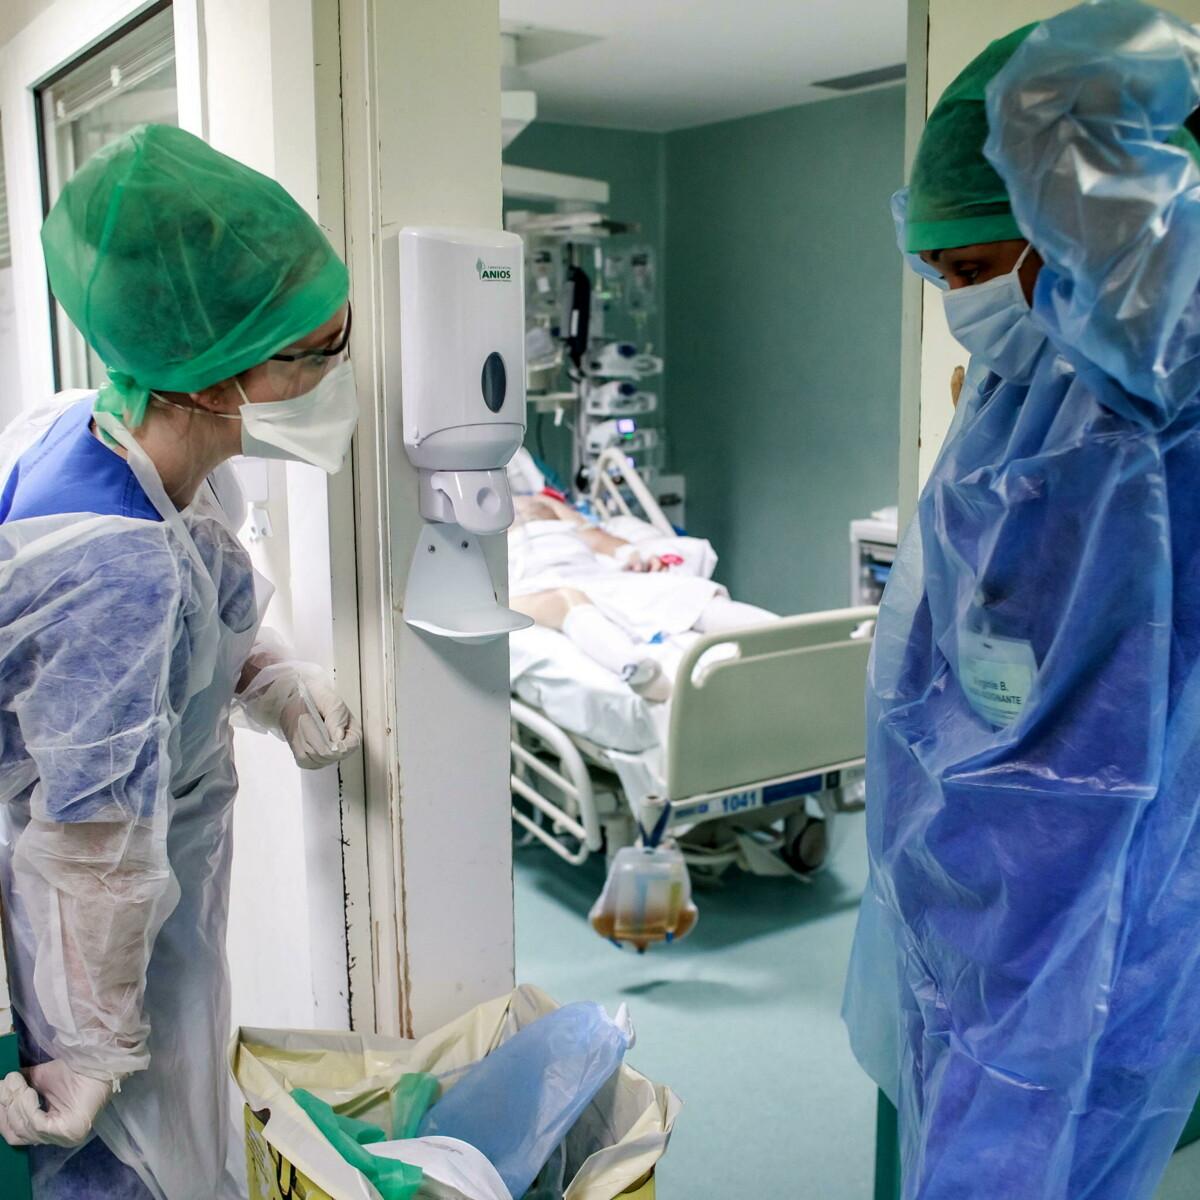 Parigi non fa sconti: oltre tremila operatori sanitari sospesi perché non vaccinati